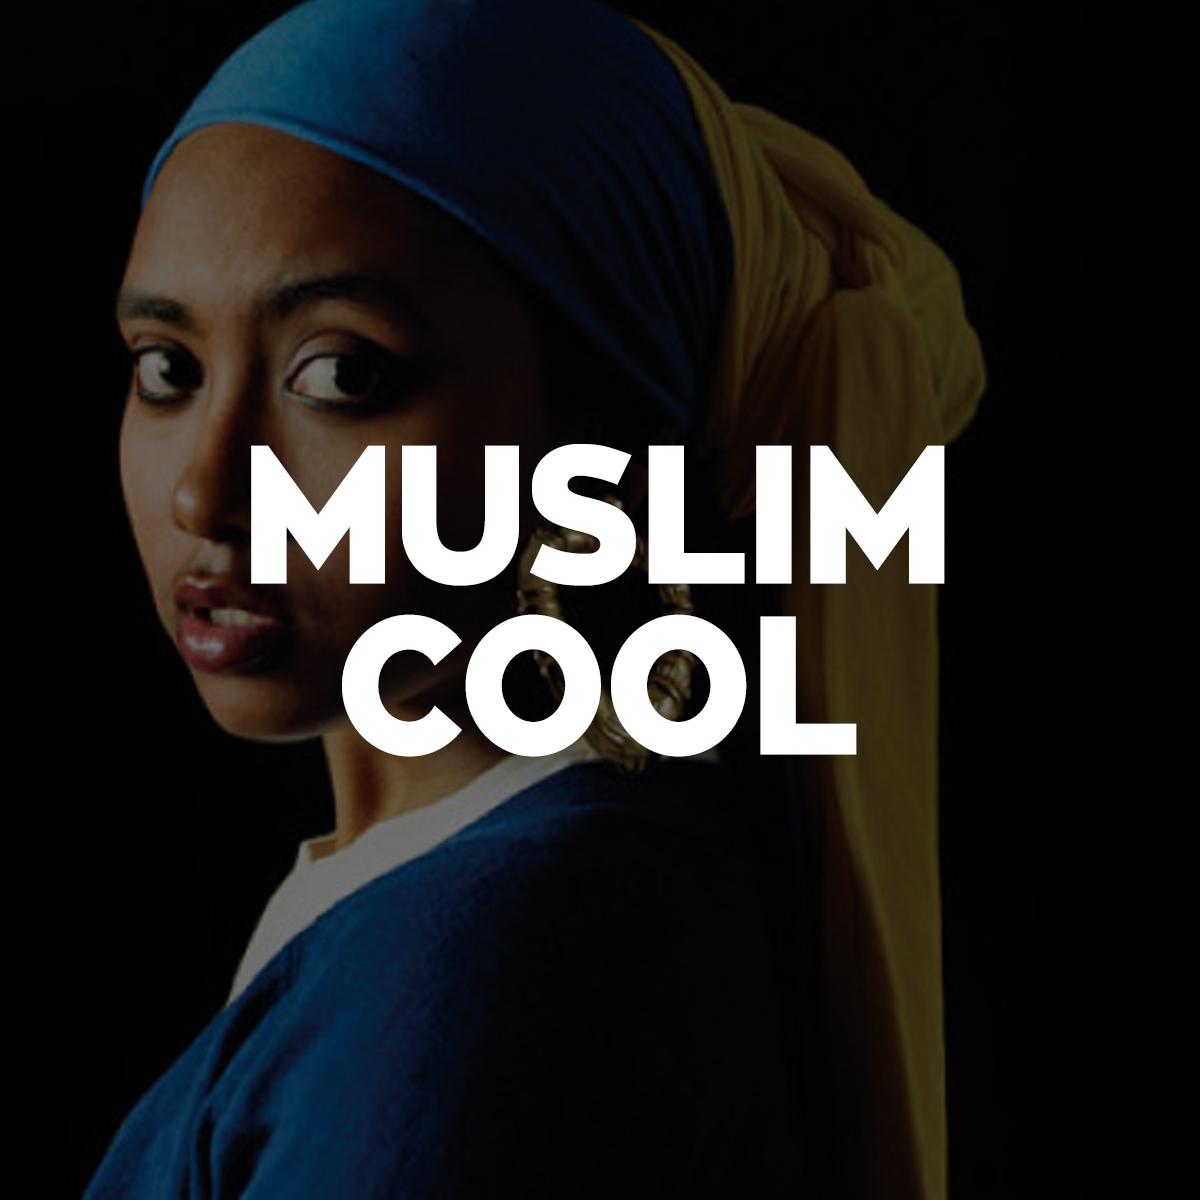 muslimcool.jpg